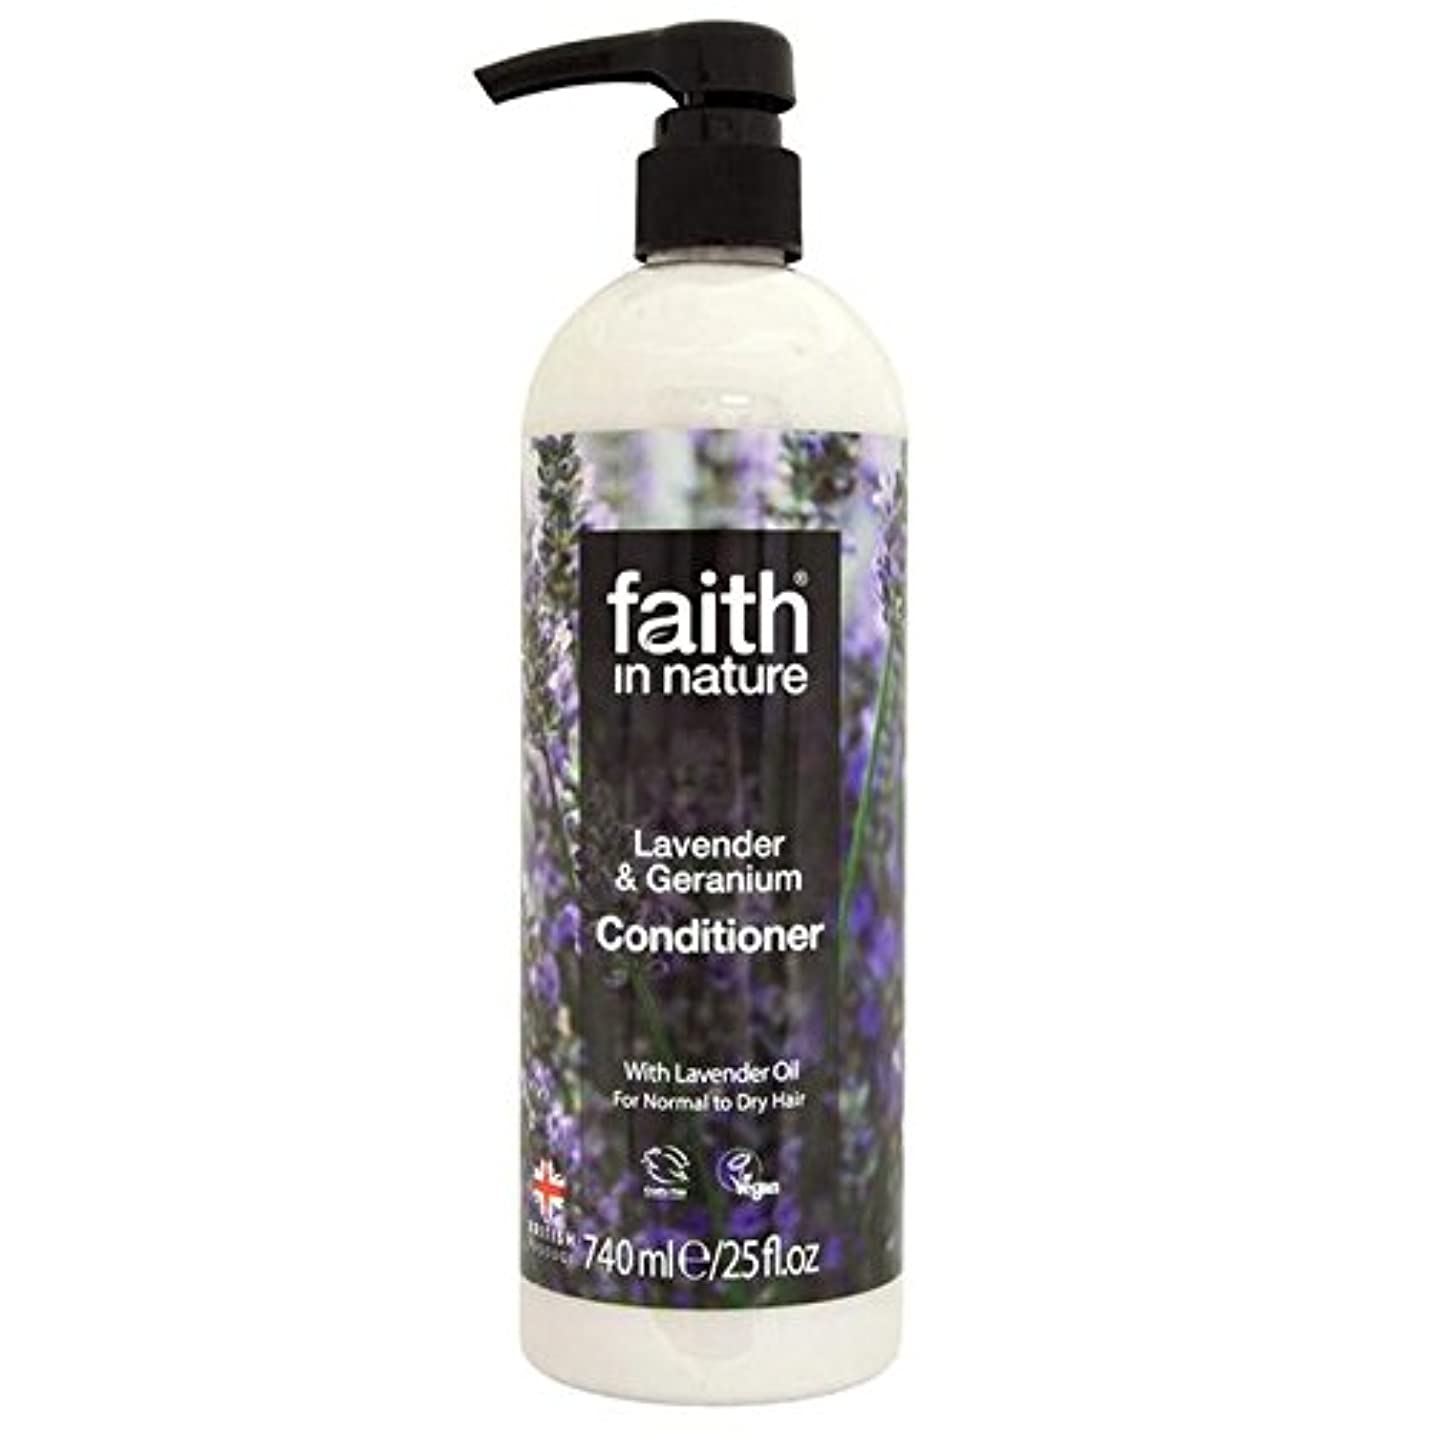 頭痛鷹クランプFaith in Nature Lavender & Geranium Conditioner 740ml (Pack of 4) - (Faith In Nature) 自然ラベンダー&ゼラニウムコンディショナー740...